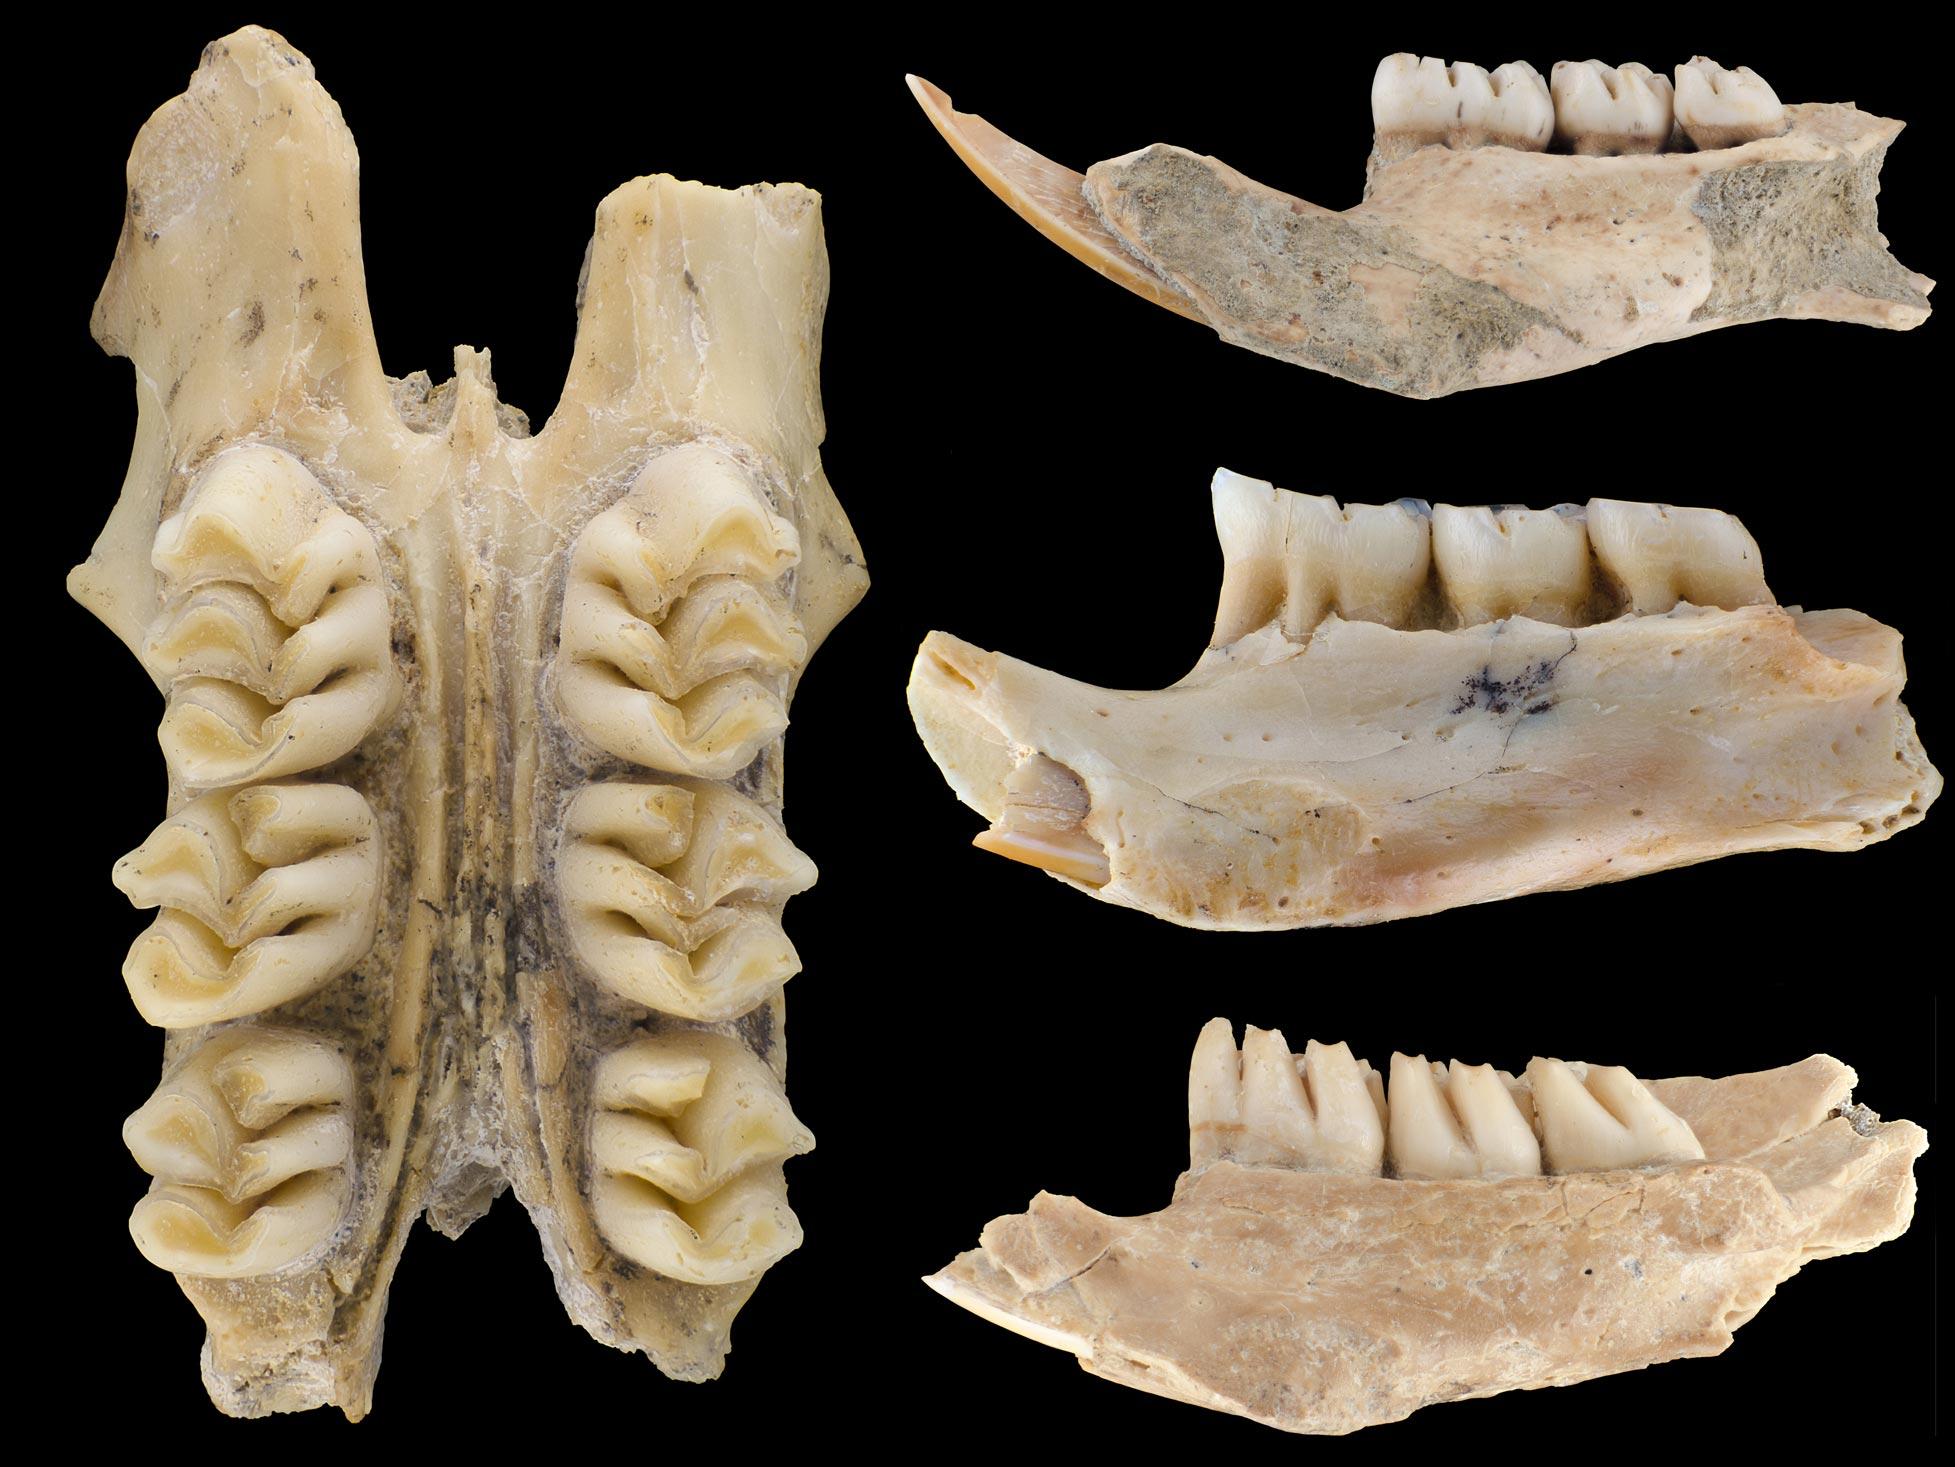 云鼠化石(劳伦-纳塞夫,菲尔德博物馆)